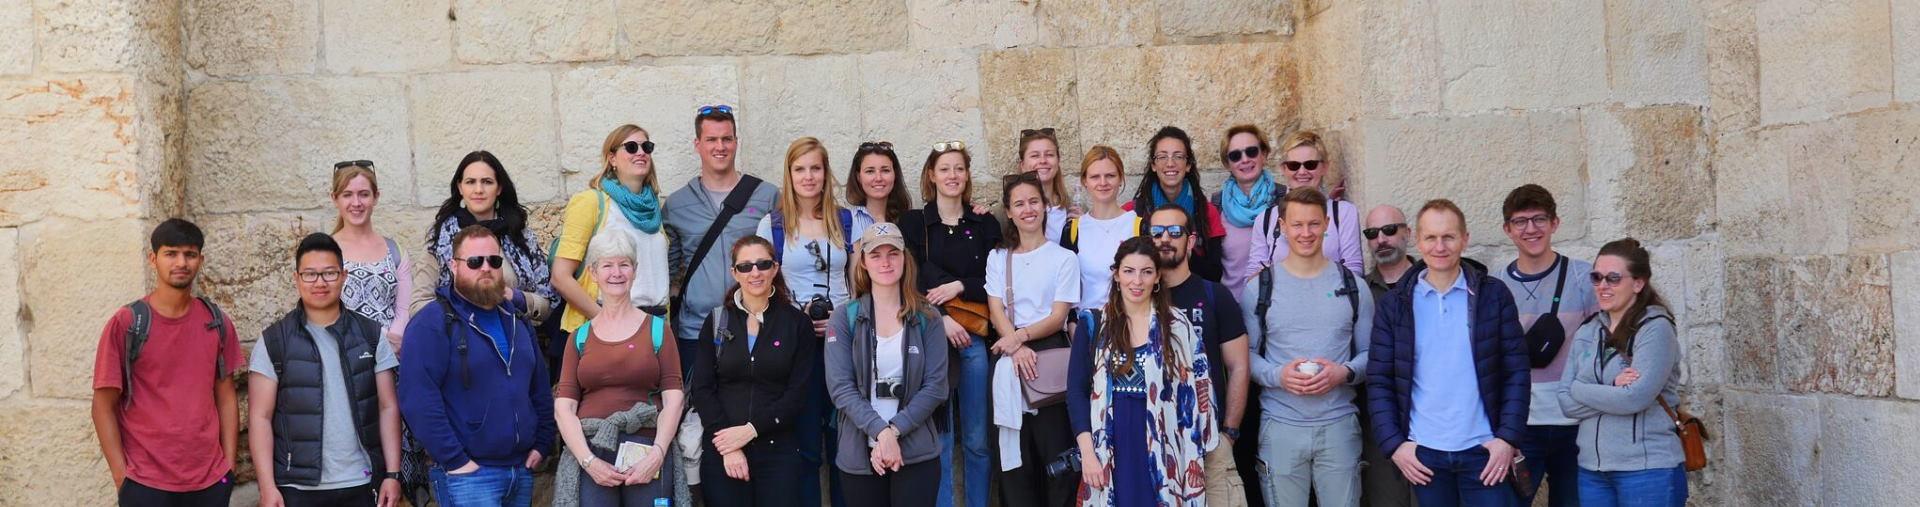 Holy City Tour jerusalem